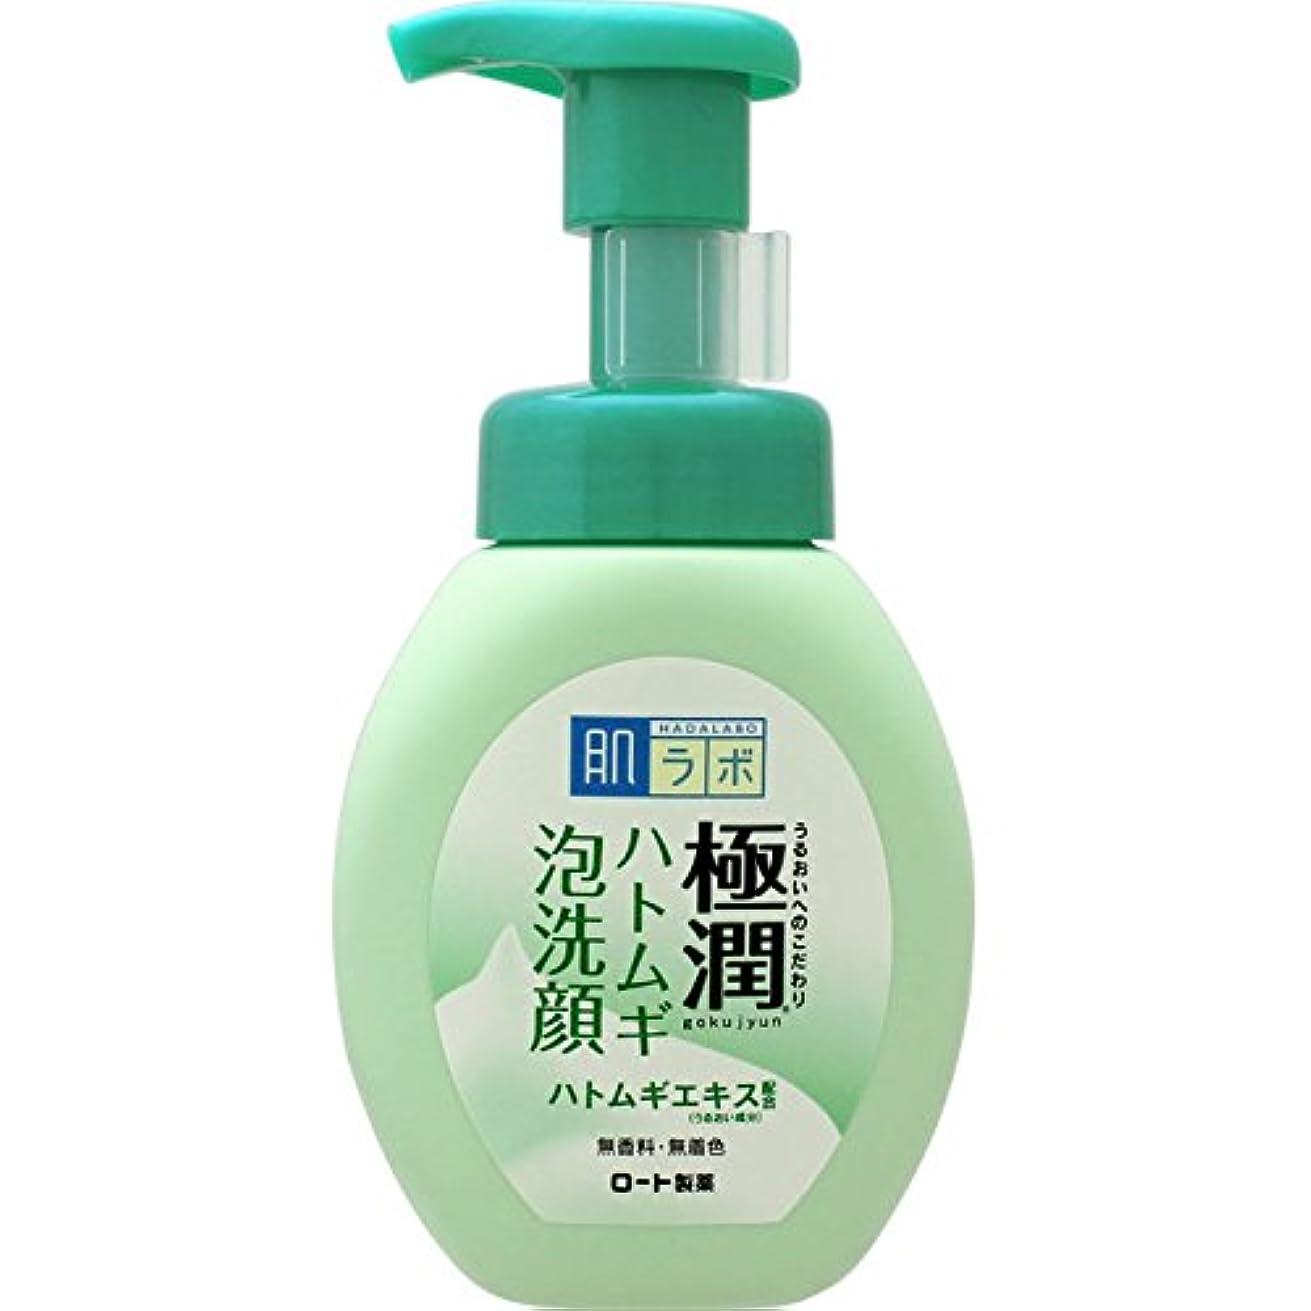 蒸発瞑想する横向き肌ラボ 極潤 毛穴洗浄 大人ニキビ予防 ハトムギ泡洗顔 160mL